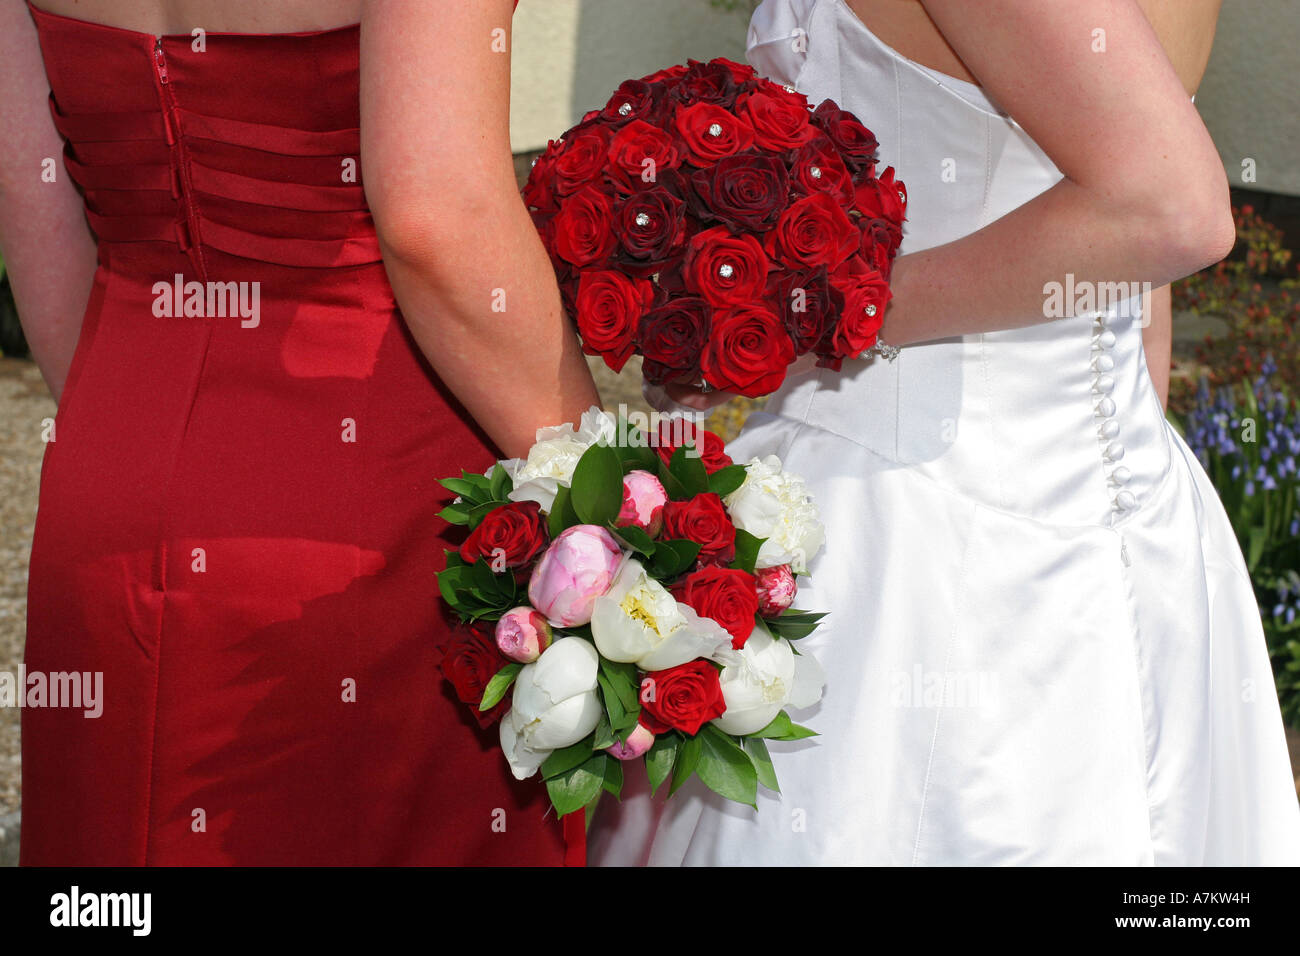 Une Mariee En Blanc Robe De Mariage Bouquet De Fleurs Rose Rouge Est